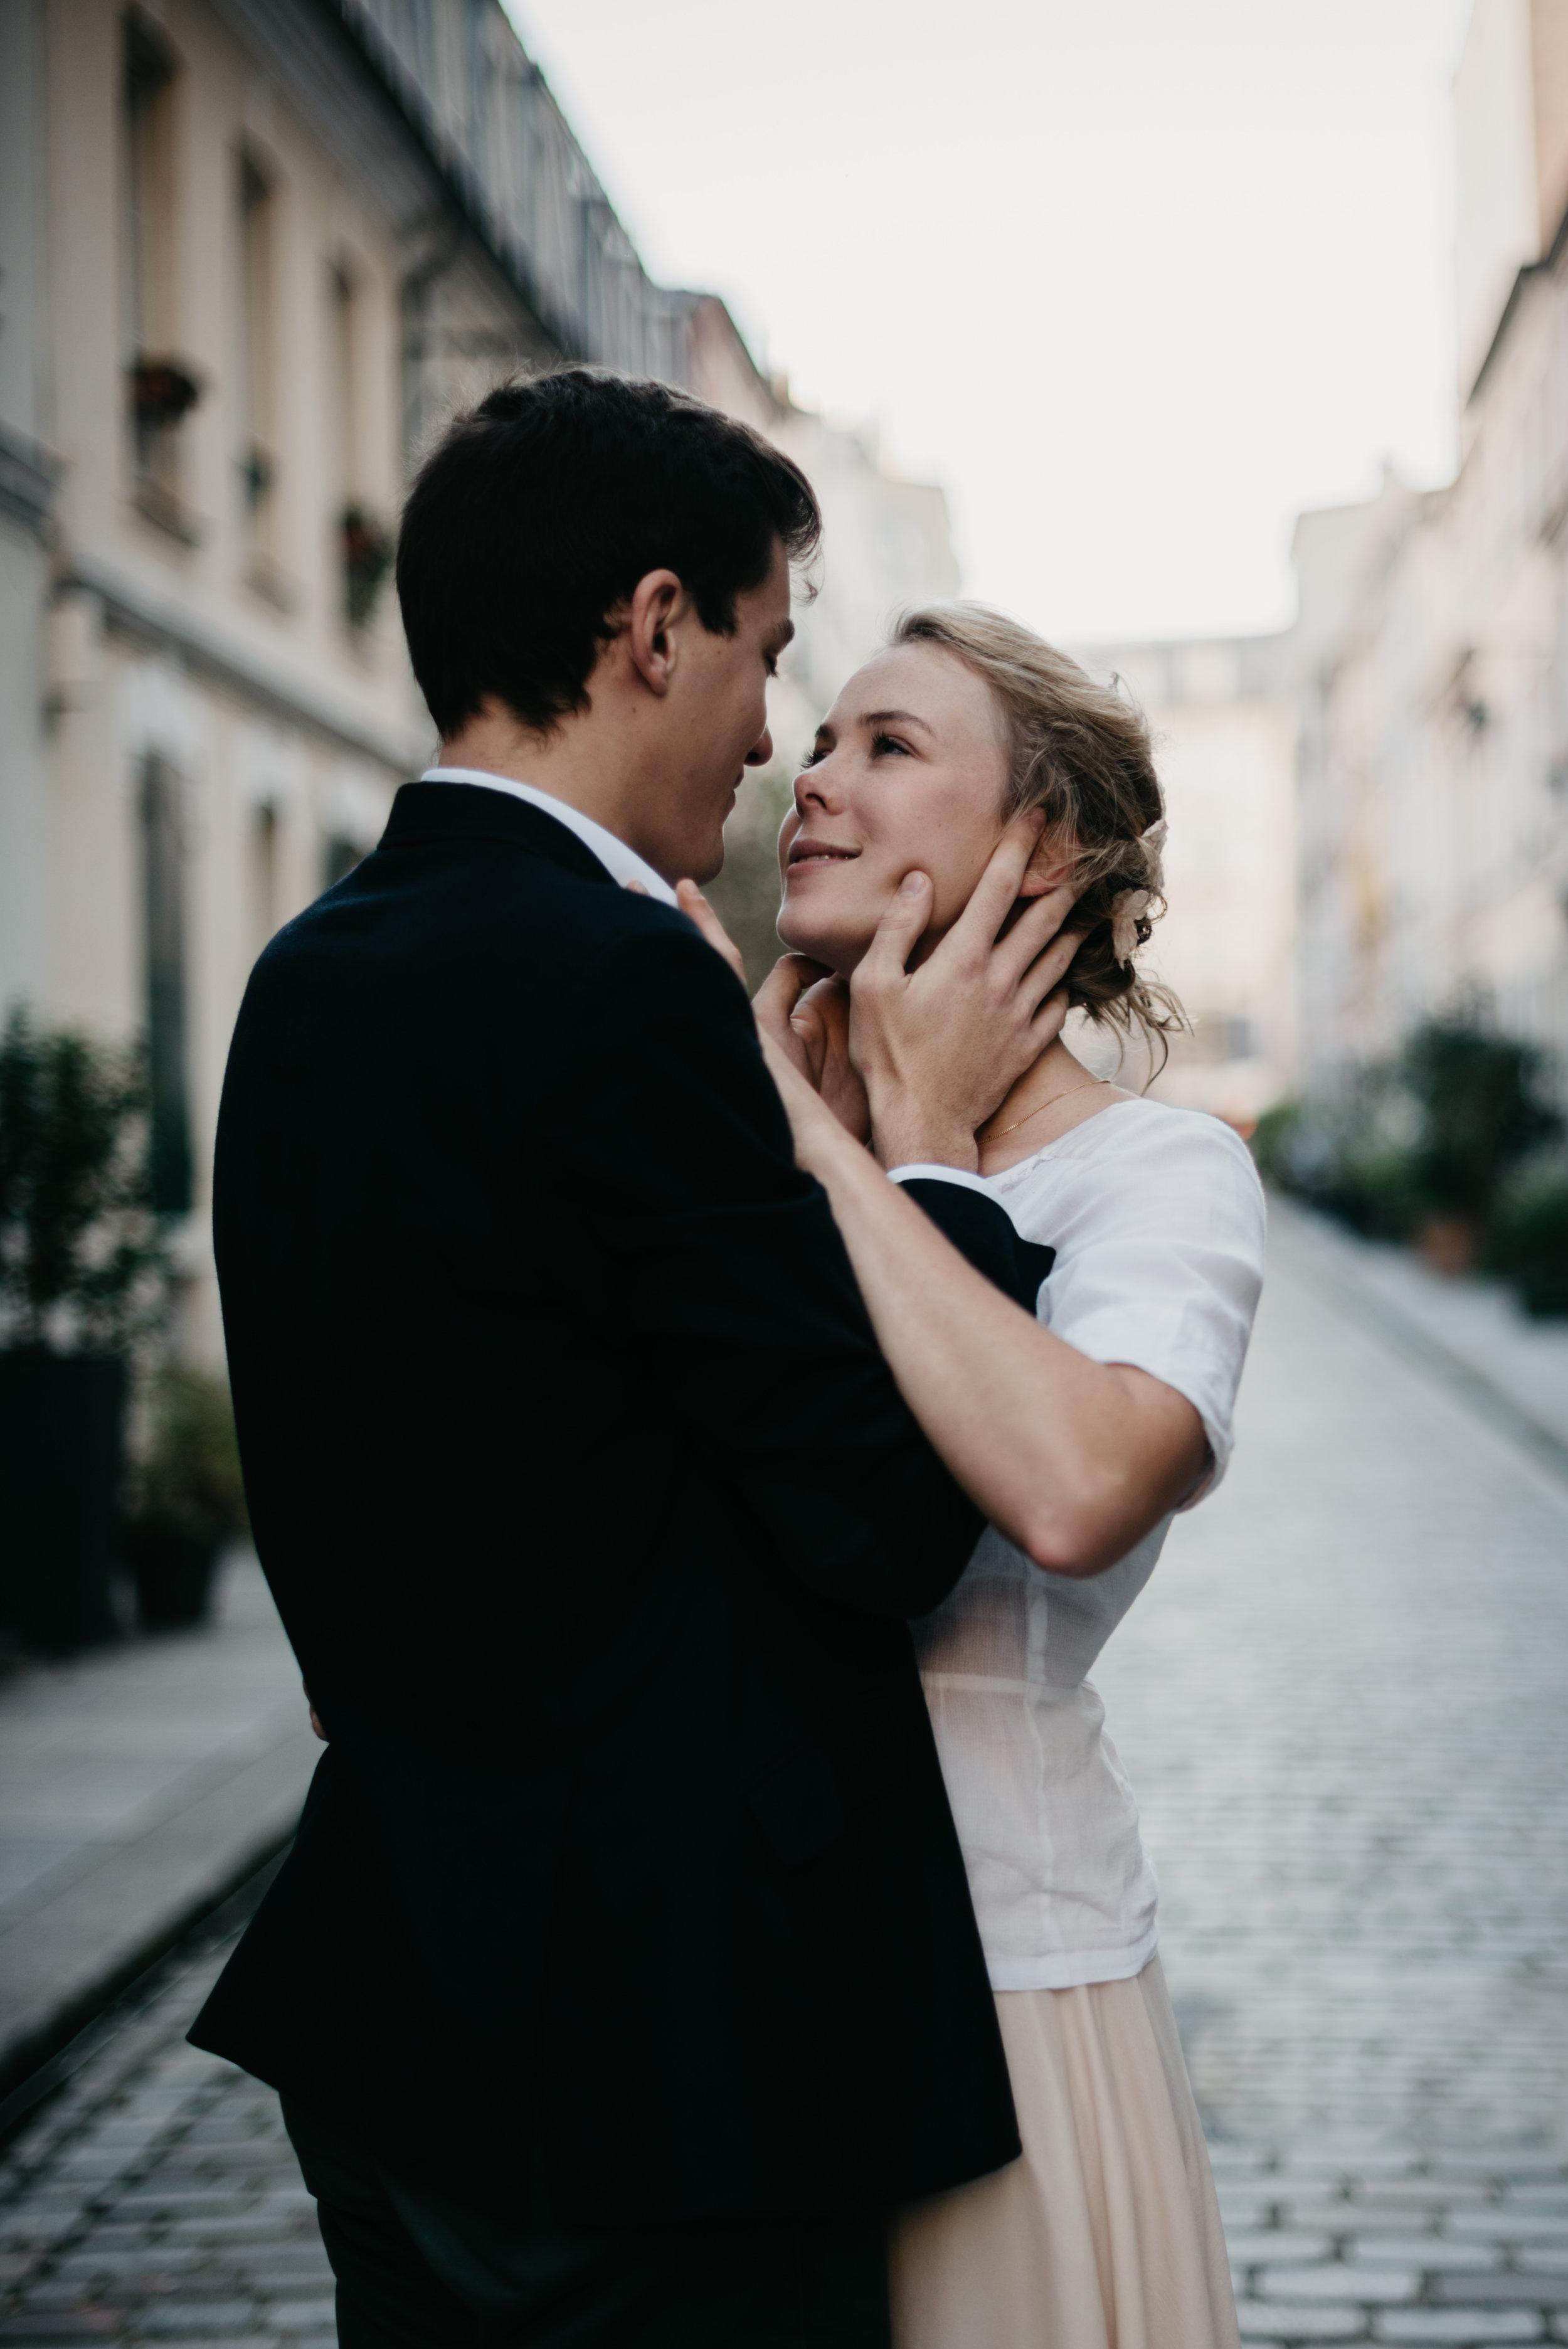 Léa-Fery-photographe-professionnel-lyon-rhone-alpes-portrait-creation-mariage-evenement-evenementiel-famille-2980.jpg